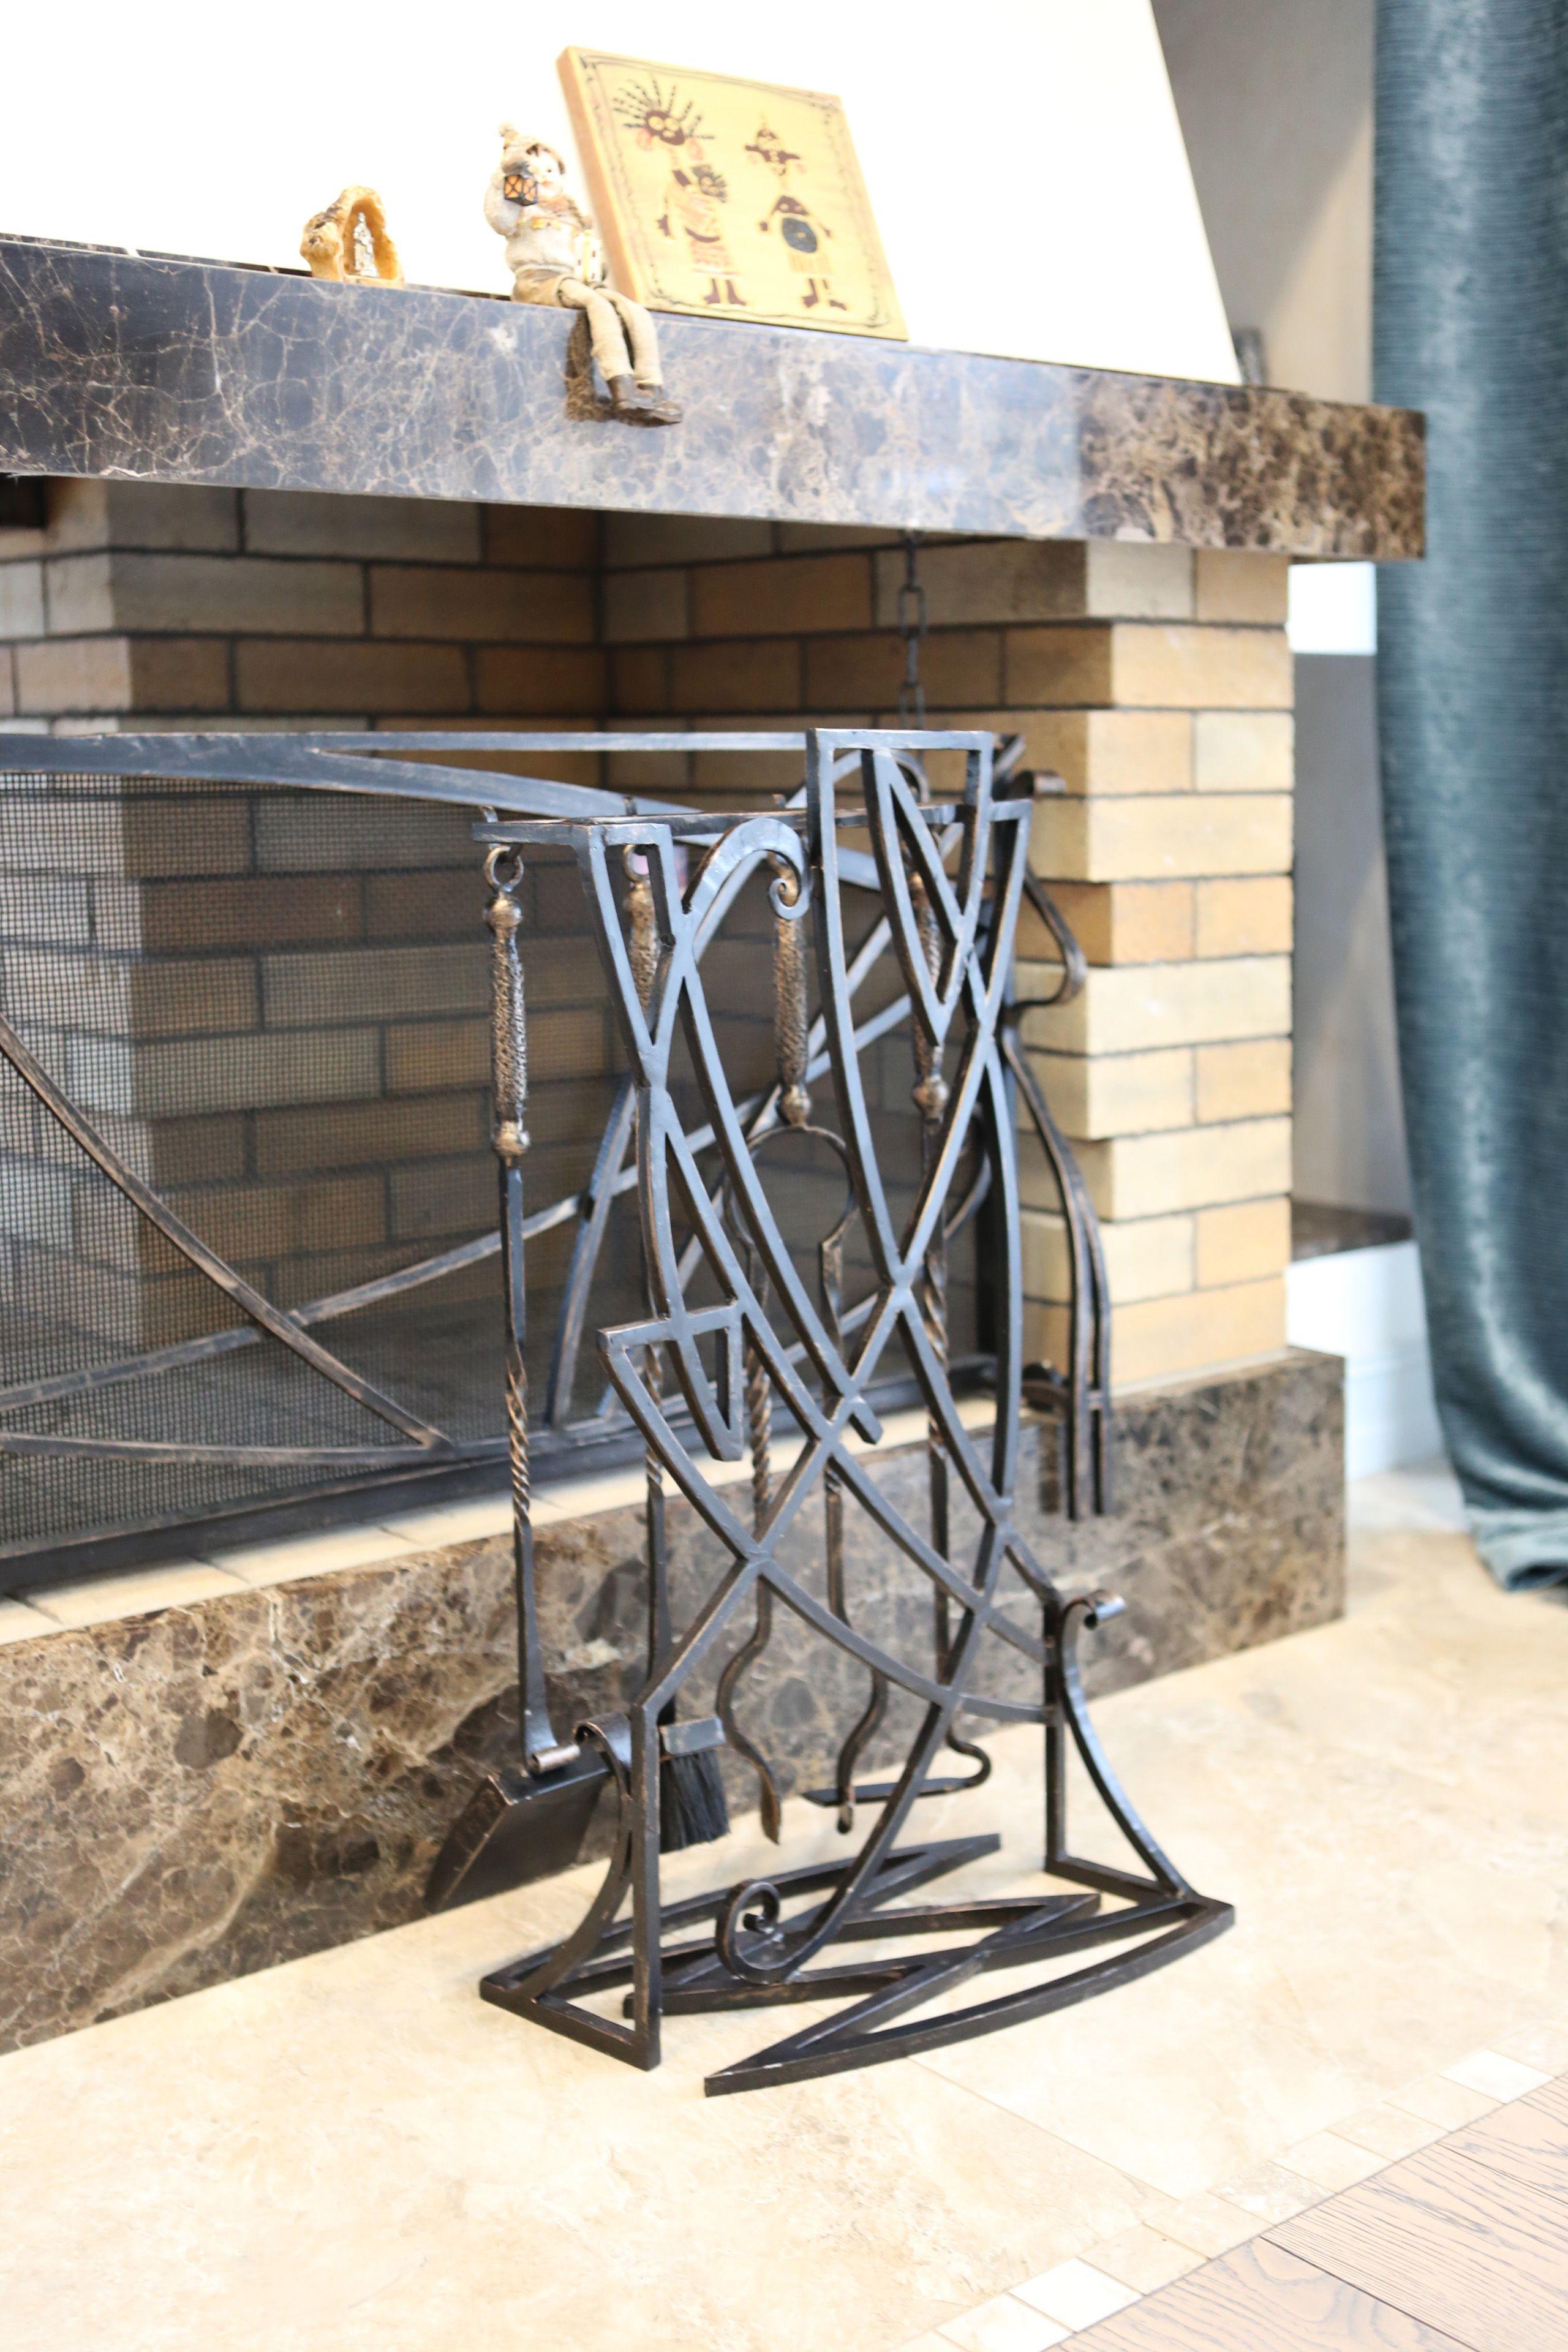 Кованые аксессуары, конструктивные элементы и декор в одном стиле, контакты специалиста: http://www.metal-made.ru/service/